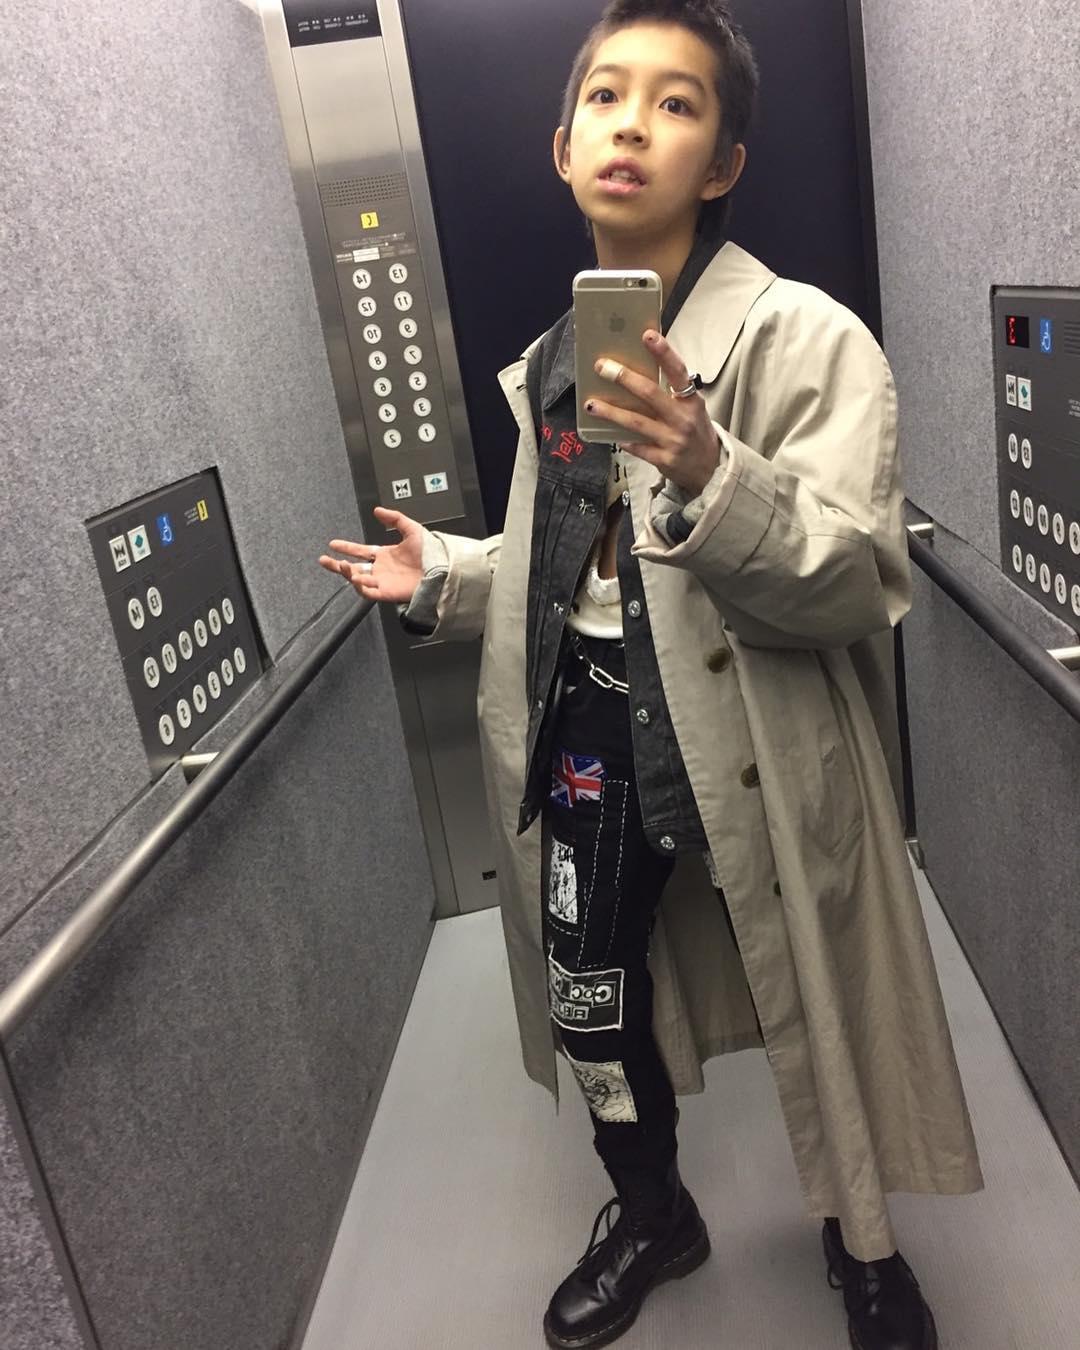 Kim Kardashian ư? Cậu nhóc 13 tuổi có style cực chất này mới là thánh selfie - Ảnh 10.